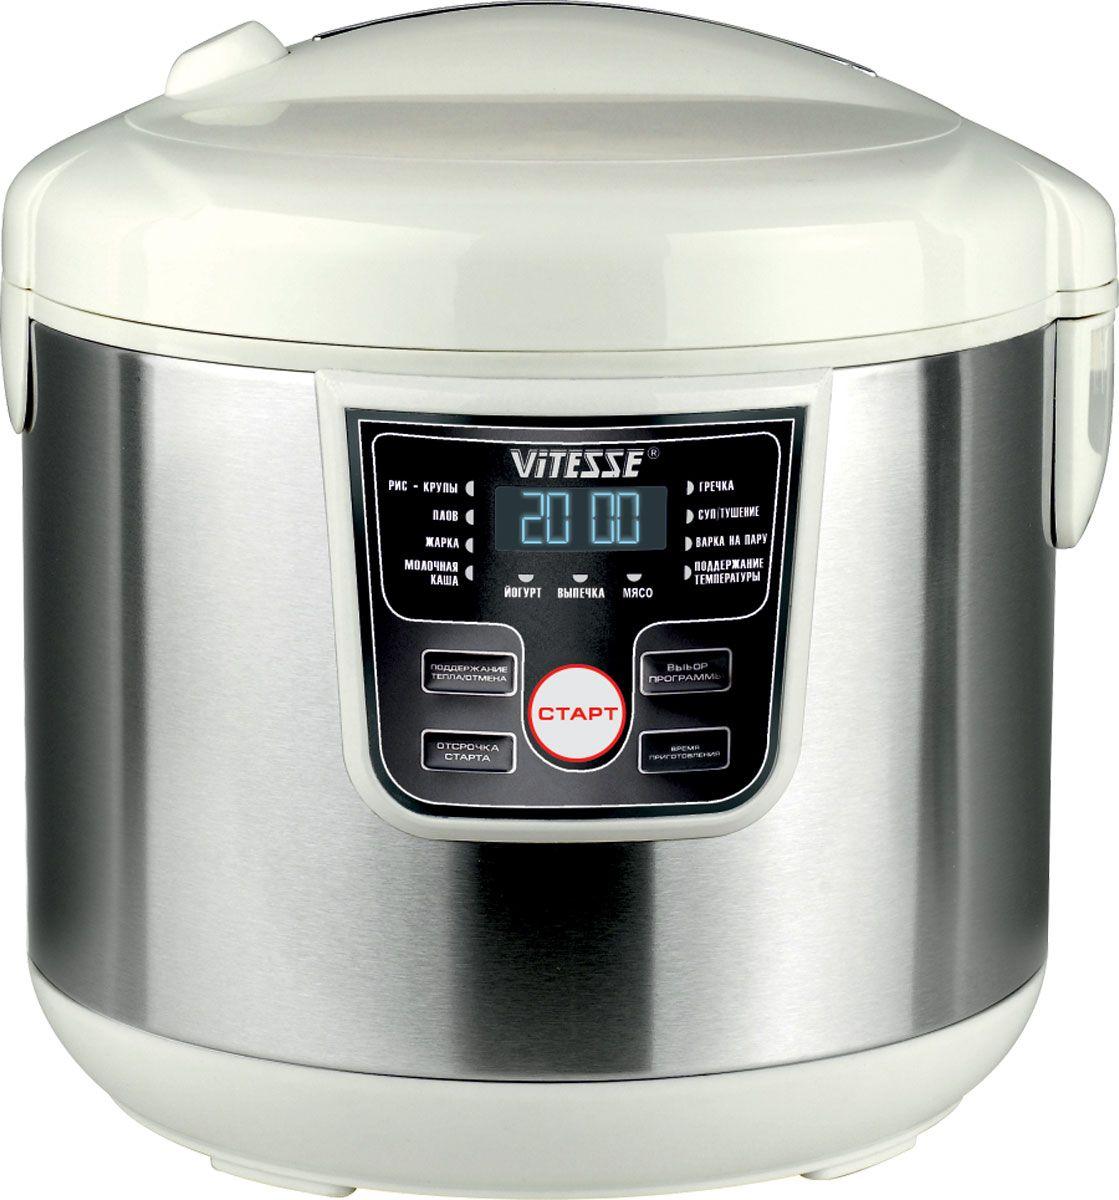 Купить Vitesse VS-3007 мультиварка